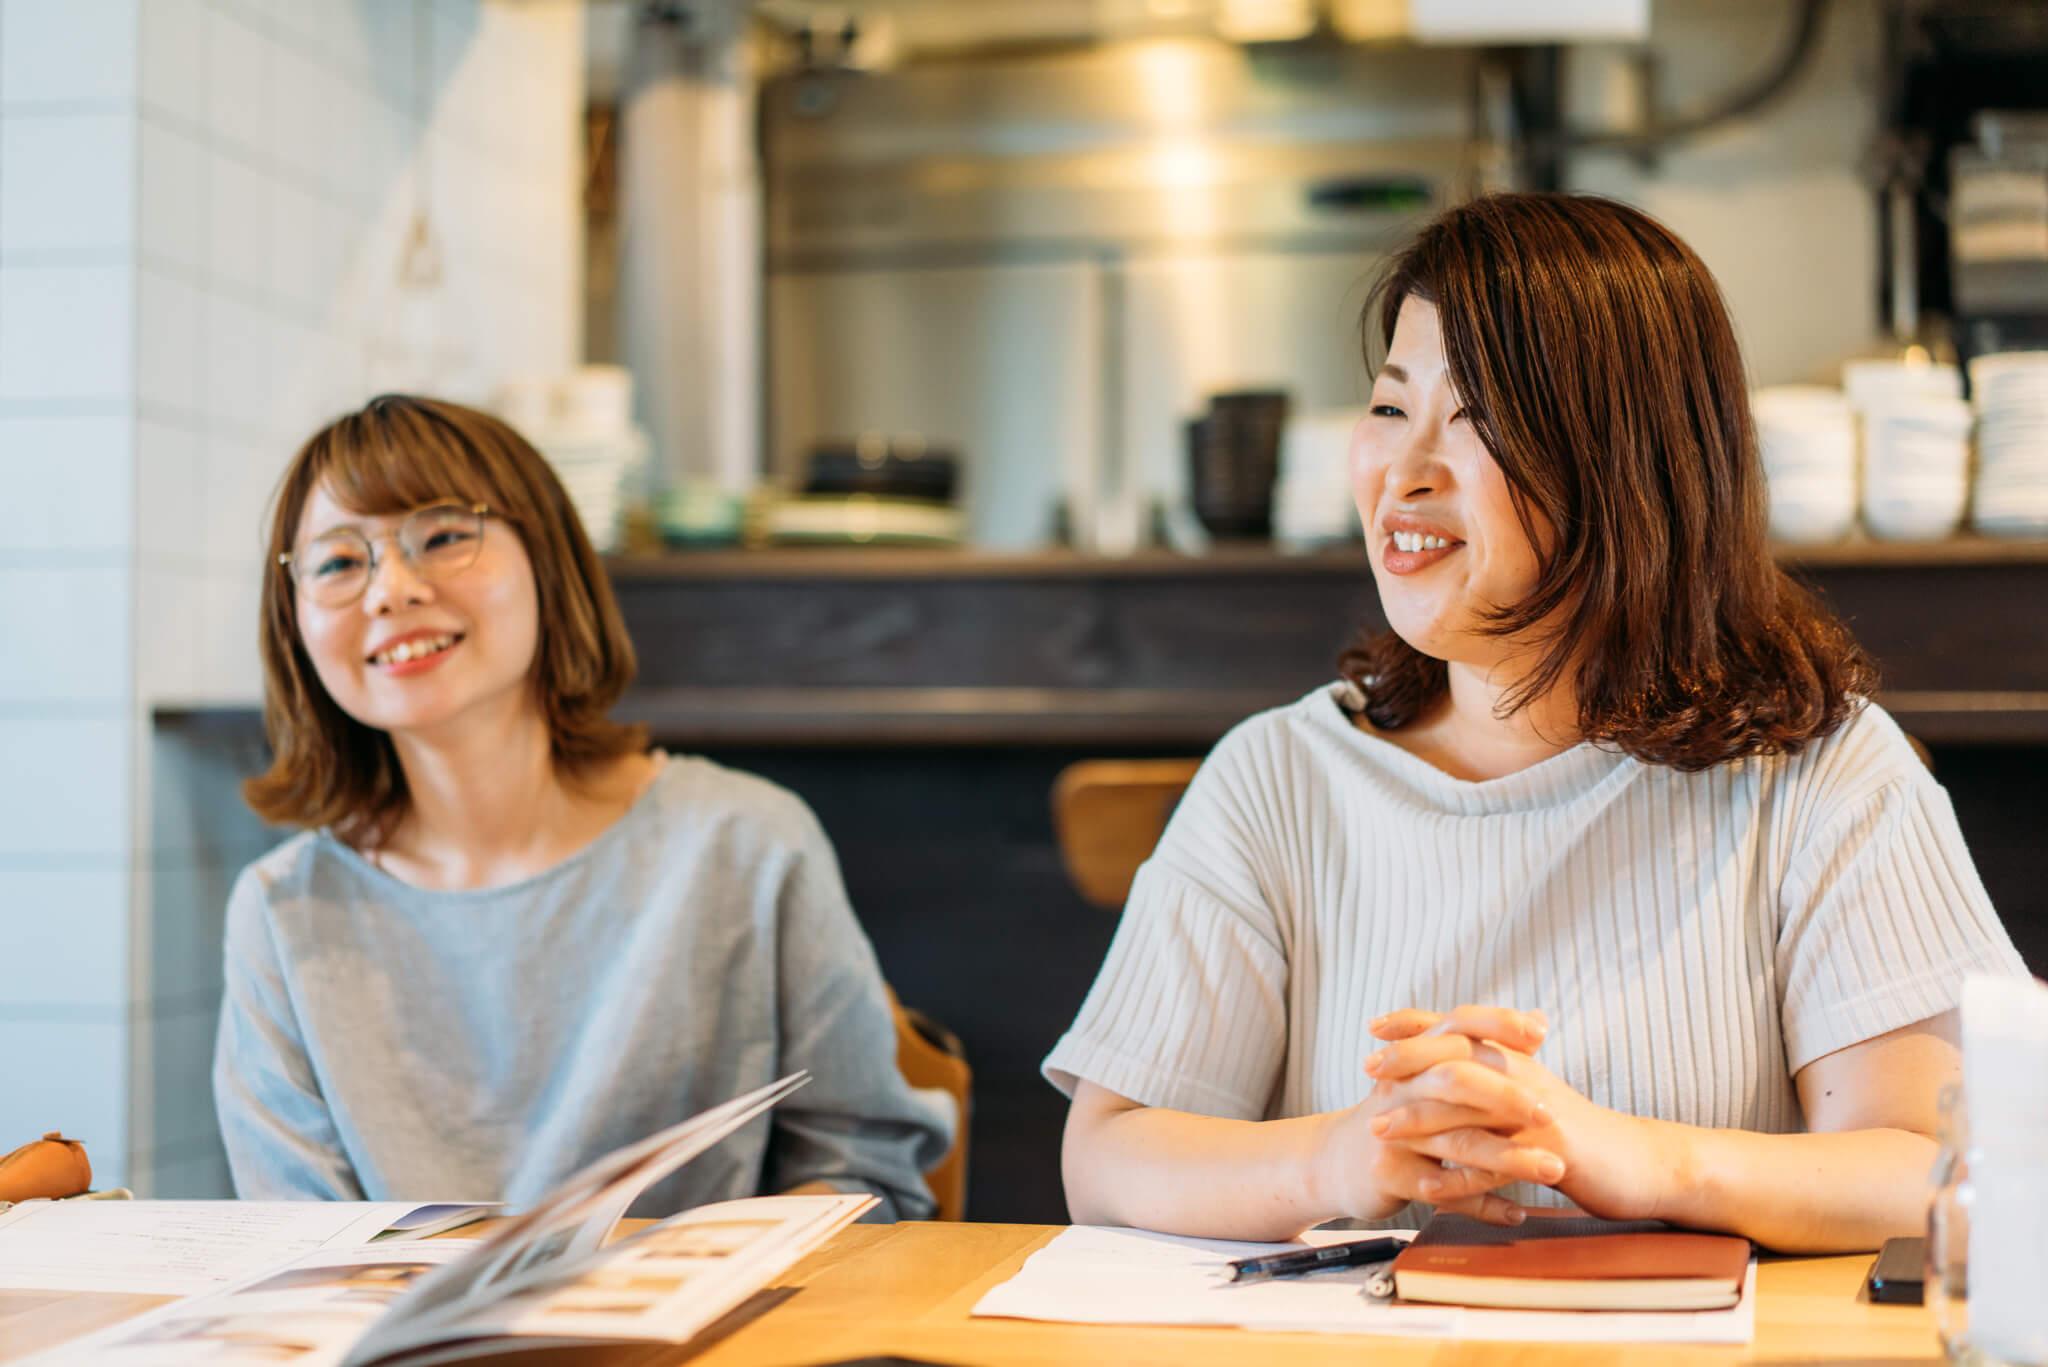 お話を聞かせていただいたのは、マーケティング事業部の大竹明日花さん(写真左)と、リーシング事業部の高畑佳身さん(写真右)。